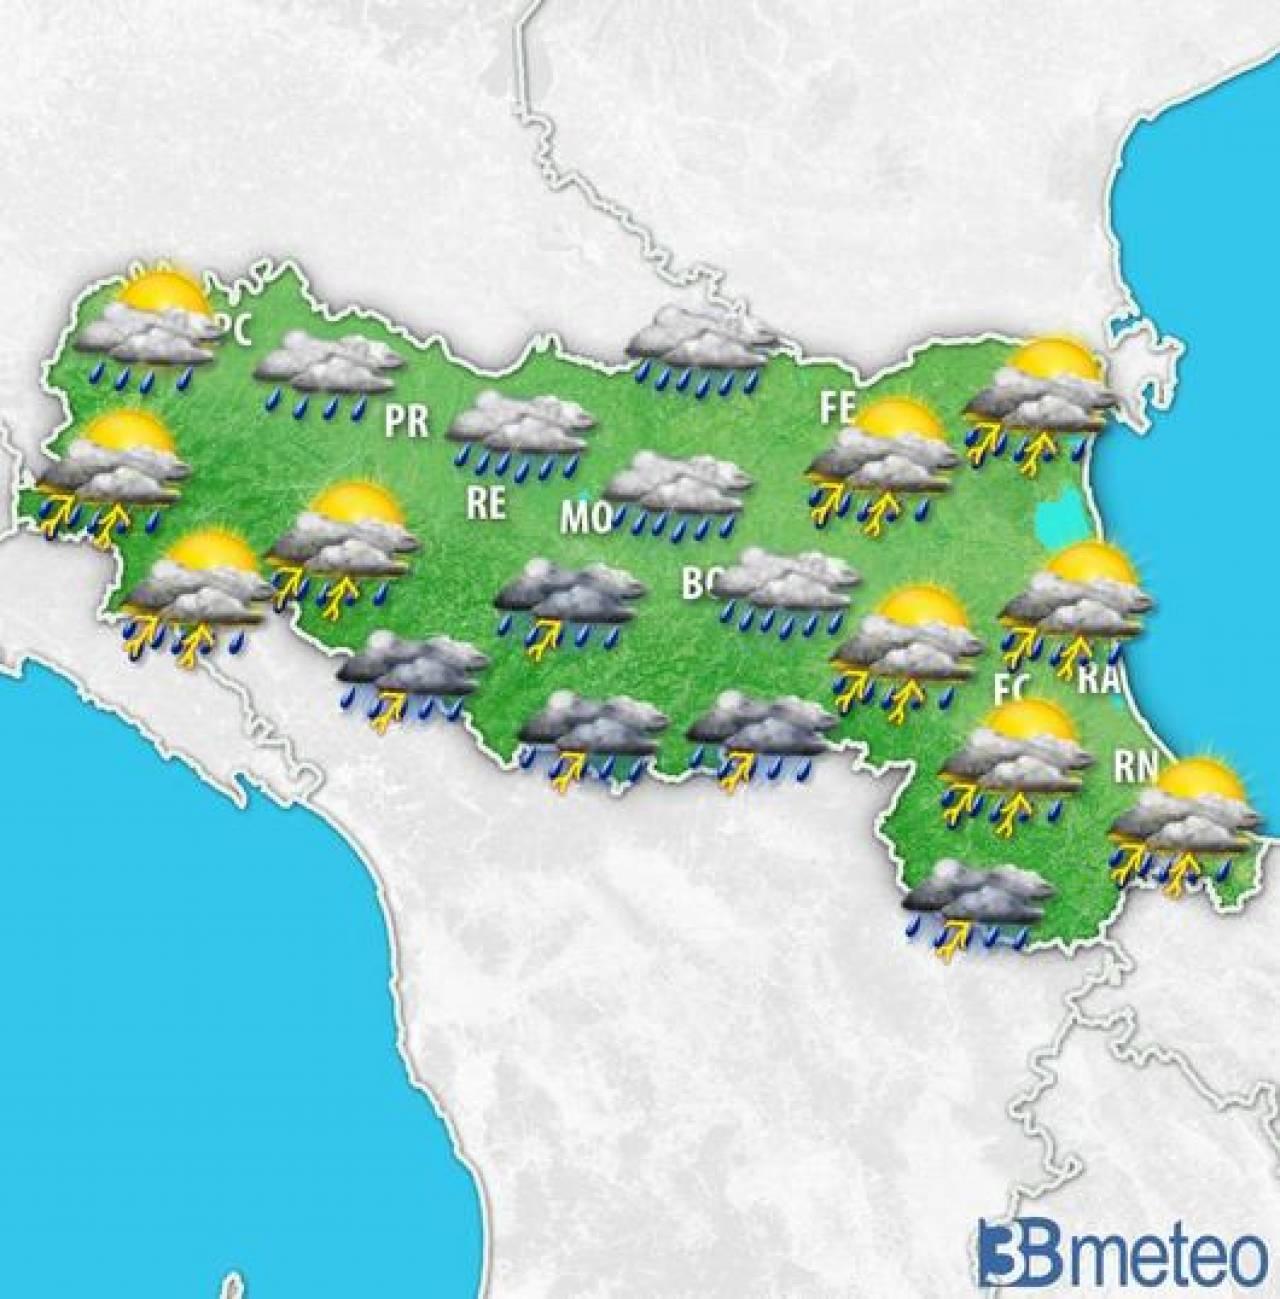 Meteo emilia romagna venerd con piogge e temporali anche forti 3b meteo - 3b meteo bagno di romagna ...